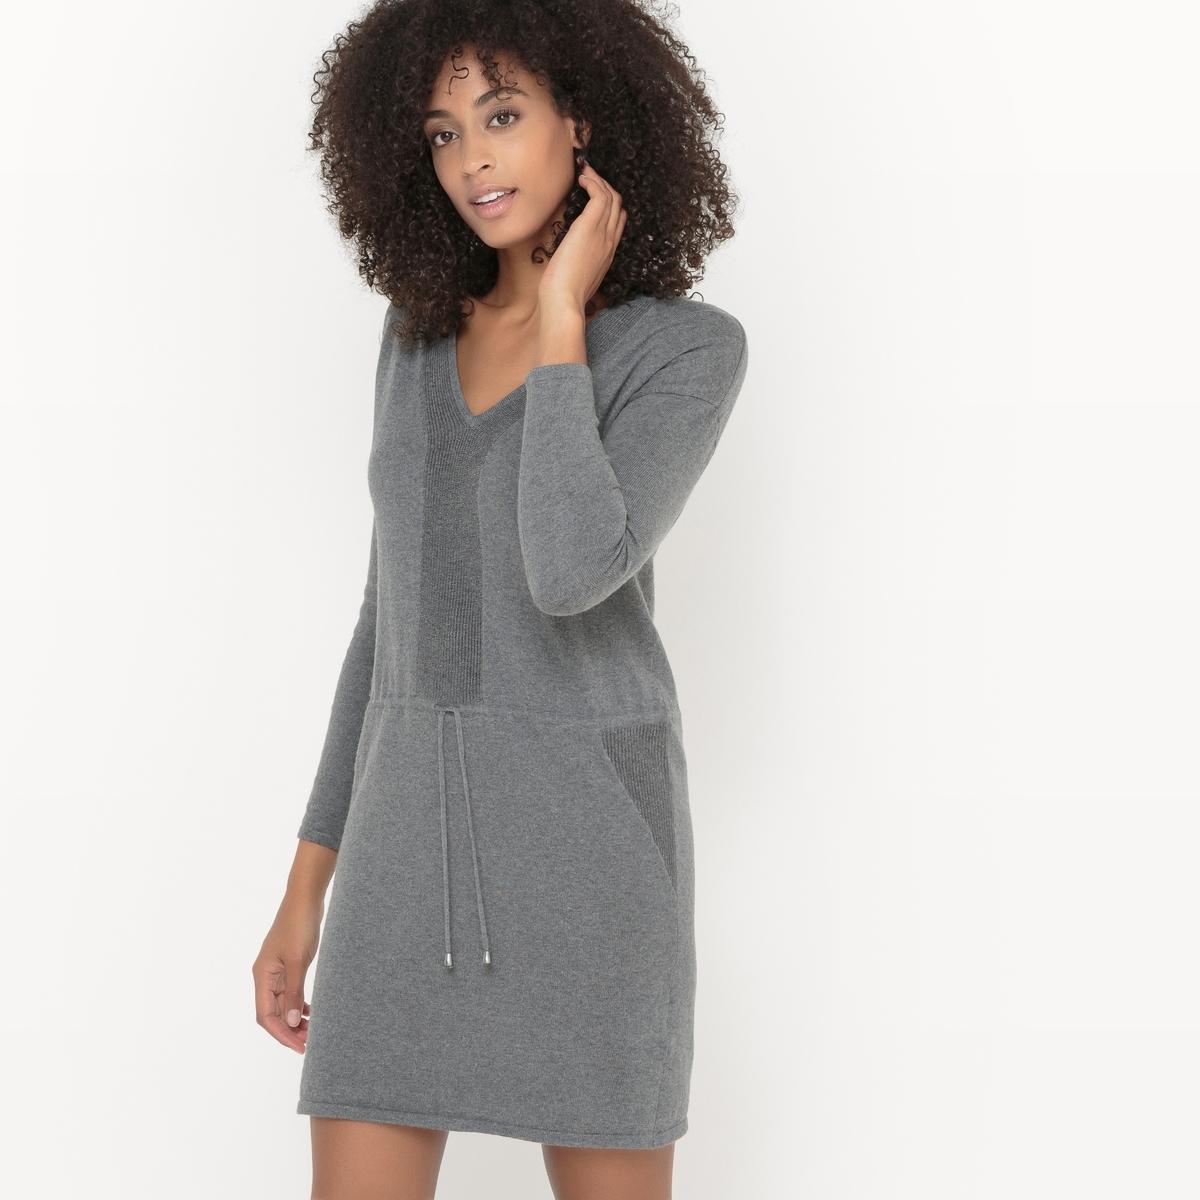 Платье-пуловер трикотажное.Состав и описаниеМатериалы : 80% хлопка, 20% шерстиМарка : Sud ExpressМодель : ROVERDALEУходСледуйте рекомендациям по уходу, указанным на этикетке изделия.<br><br>Цвет: серый меланж<br>Размер: S